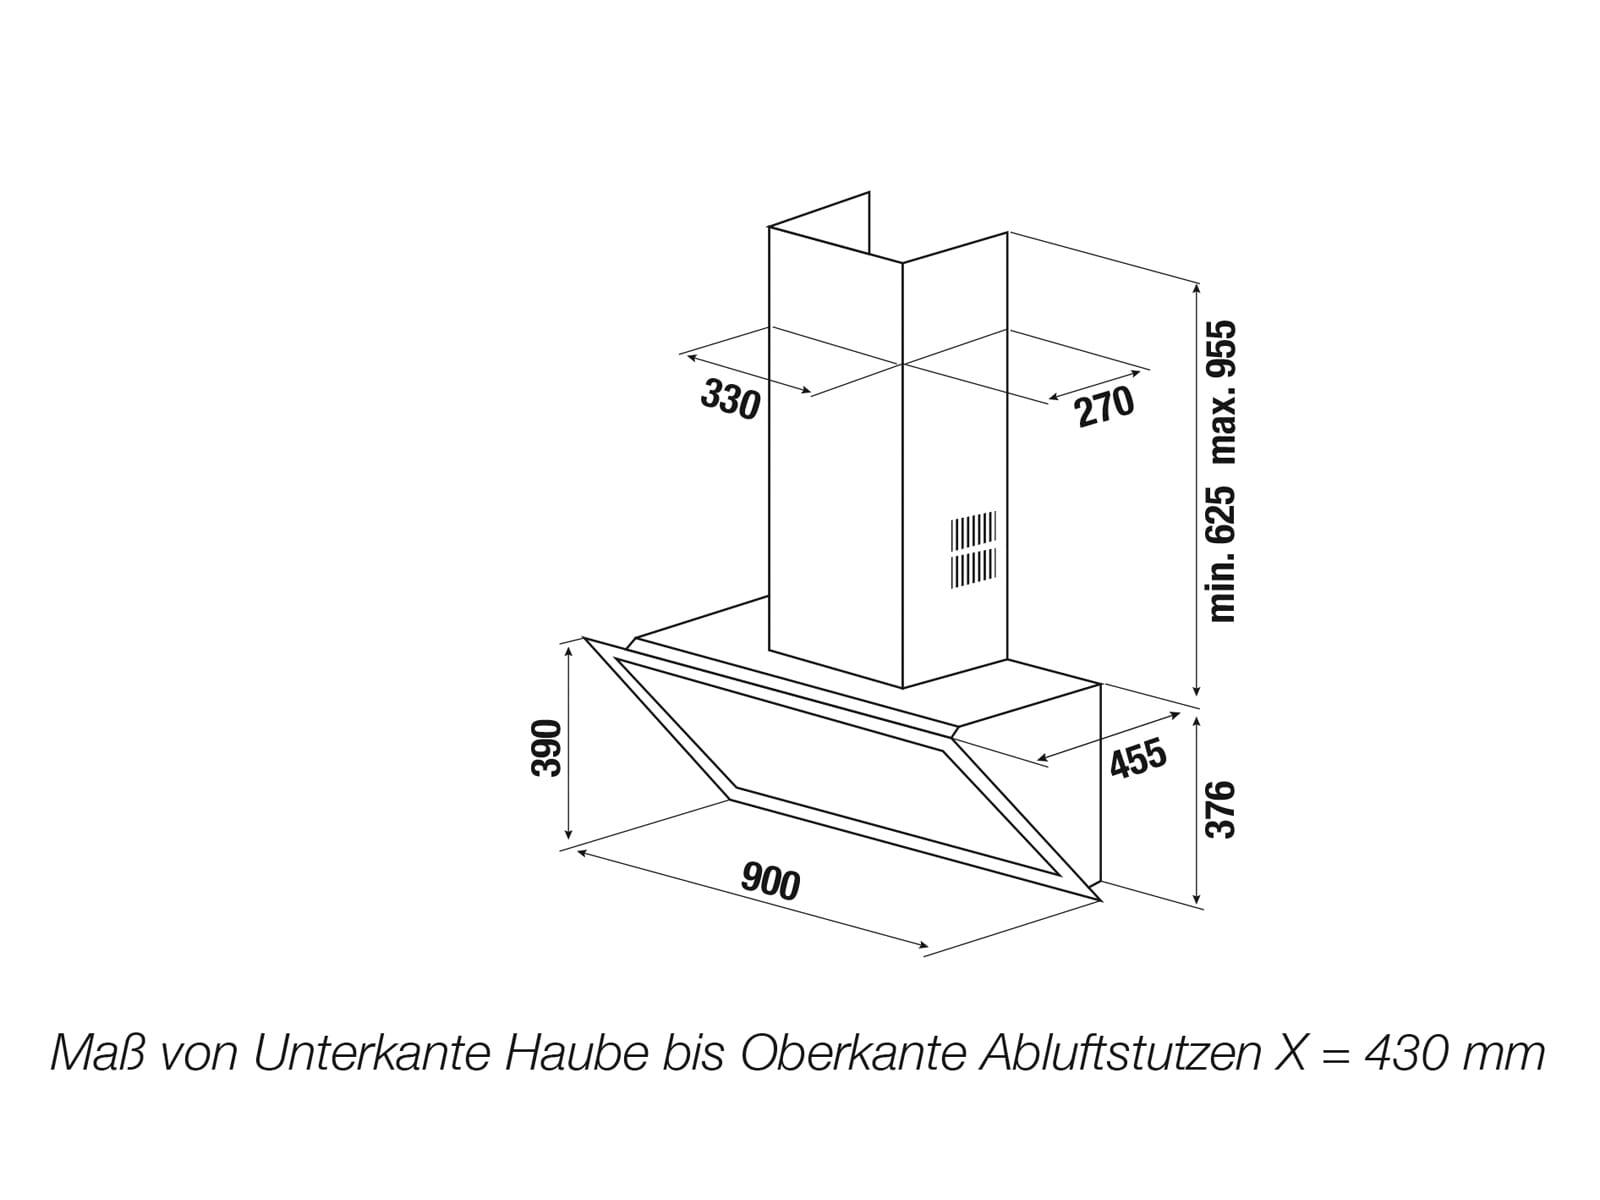 Küppersbusch DW 9800.0 S K-Series. 8 Kopffreihaube 90 cm Schwarzes Glas